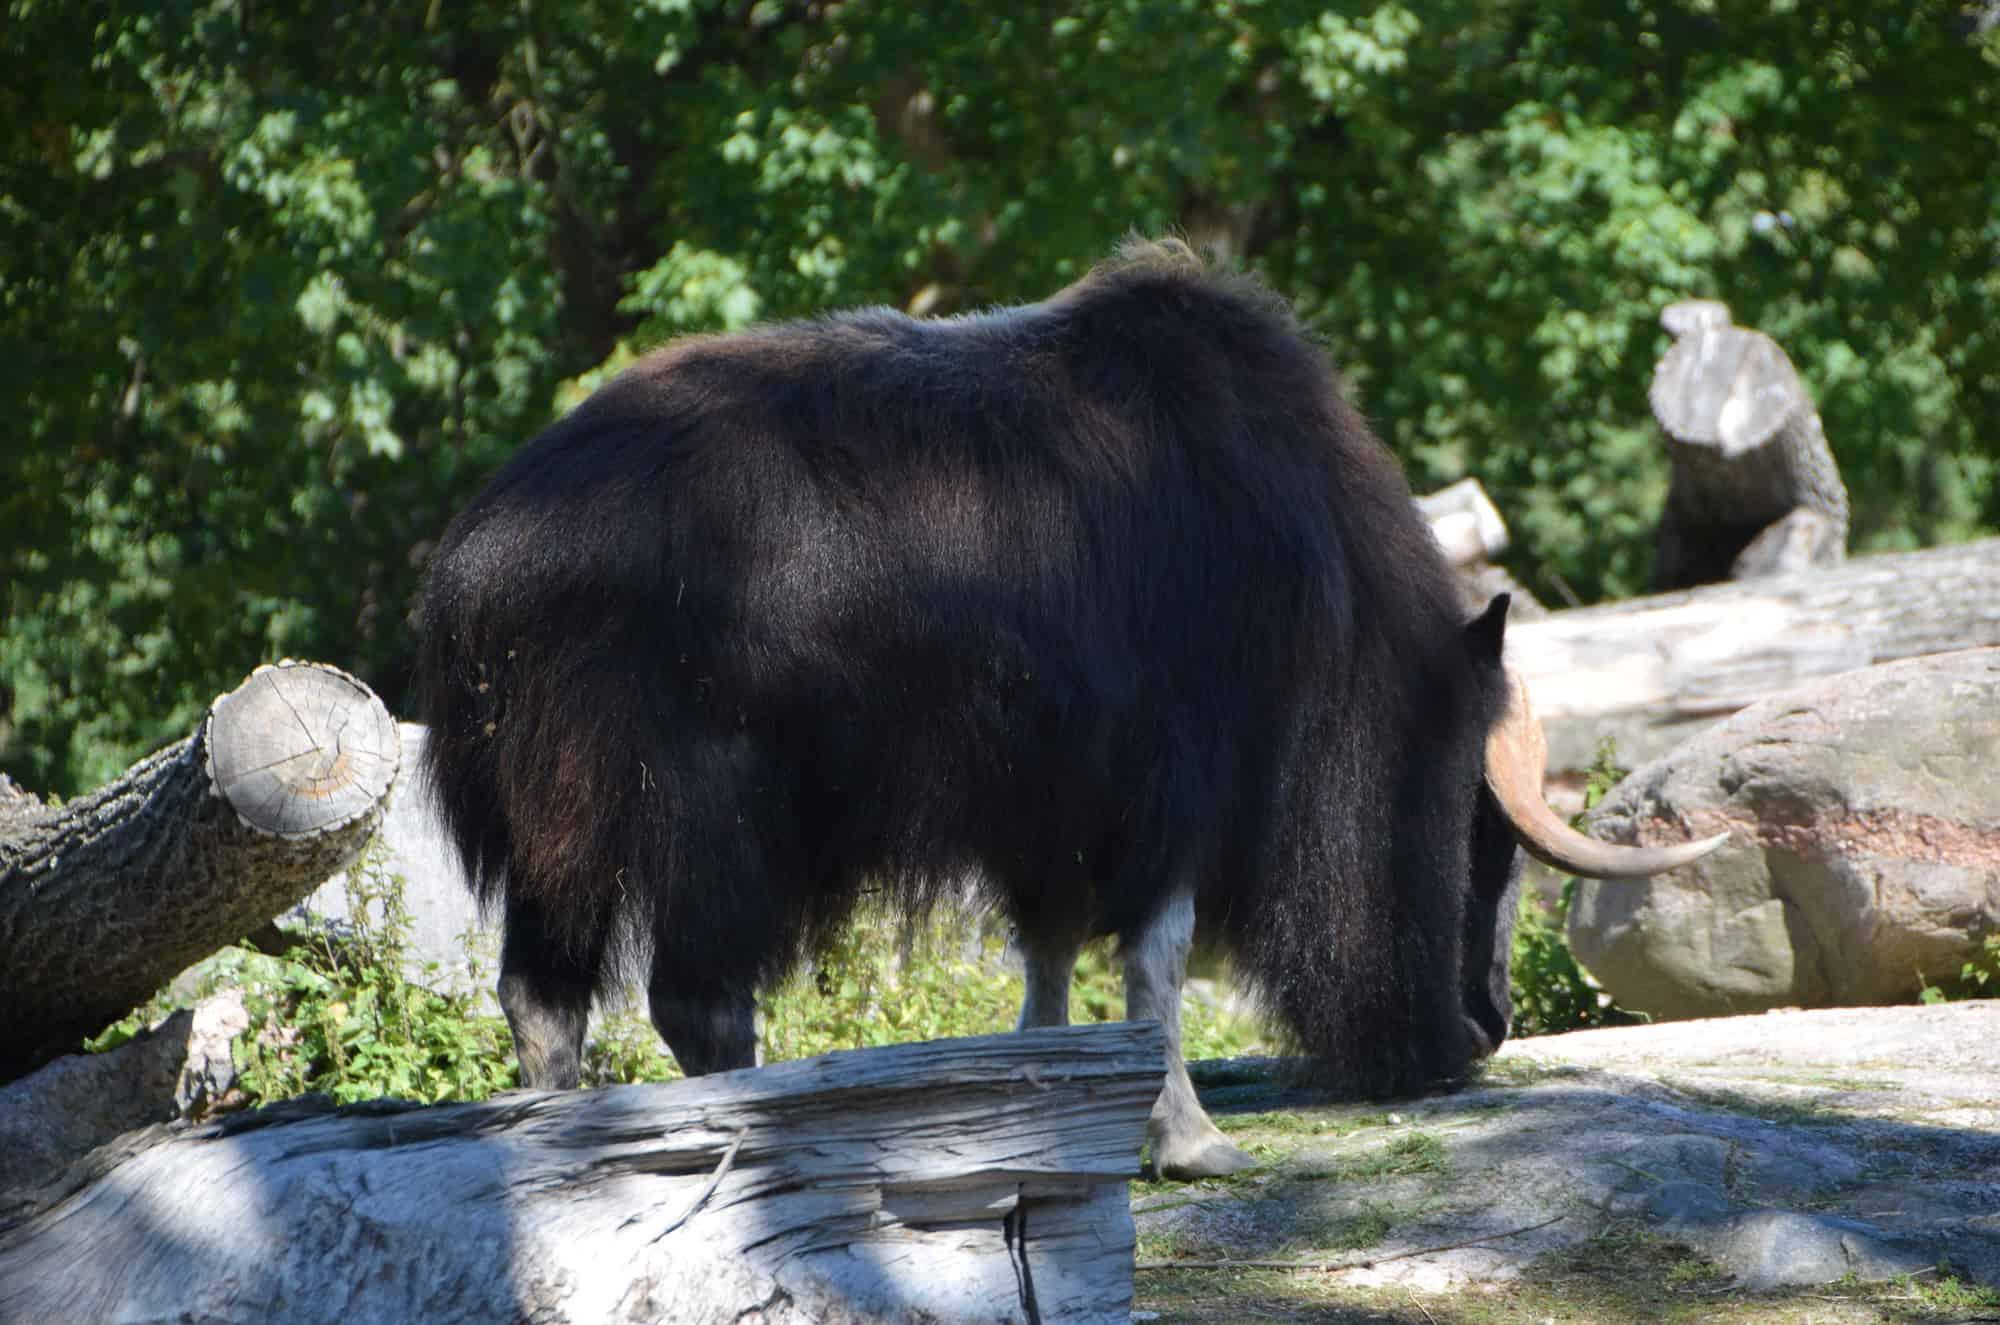 Βούβαλος στον ζωολογικό κήπο του Ελσίνκι